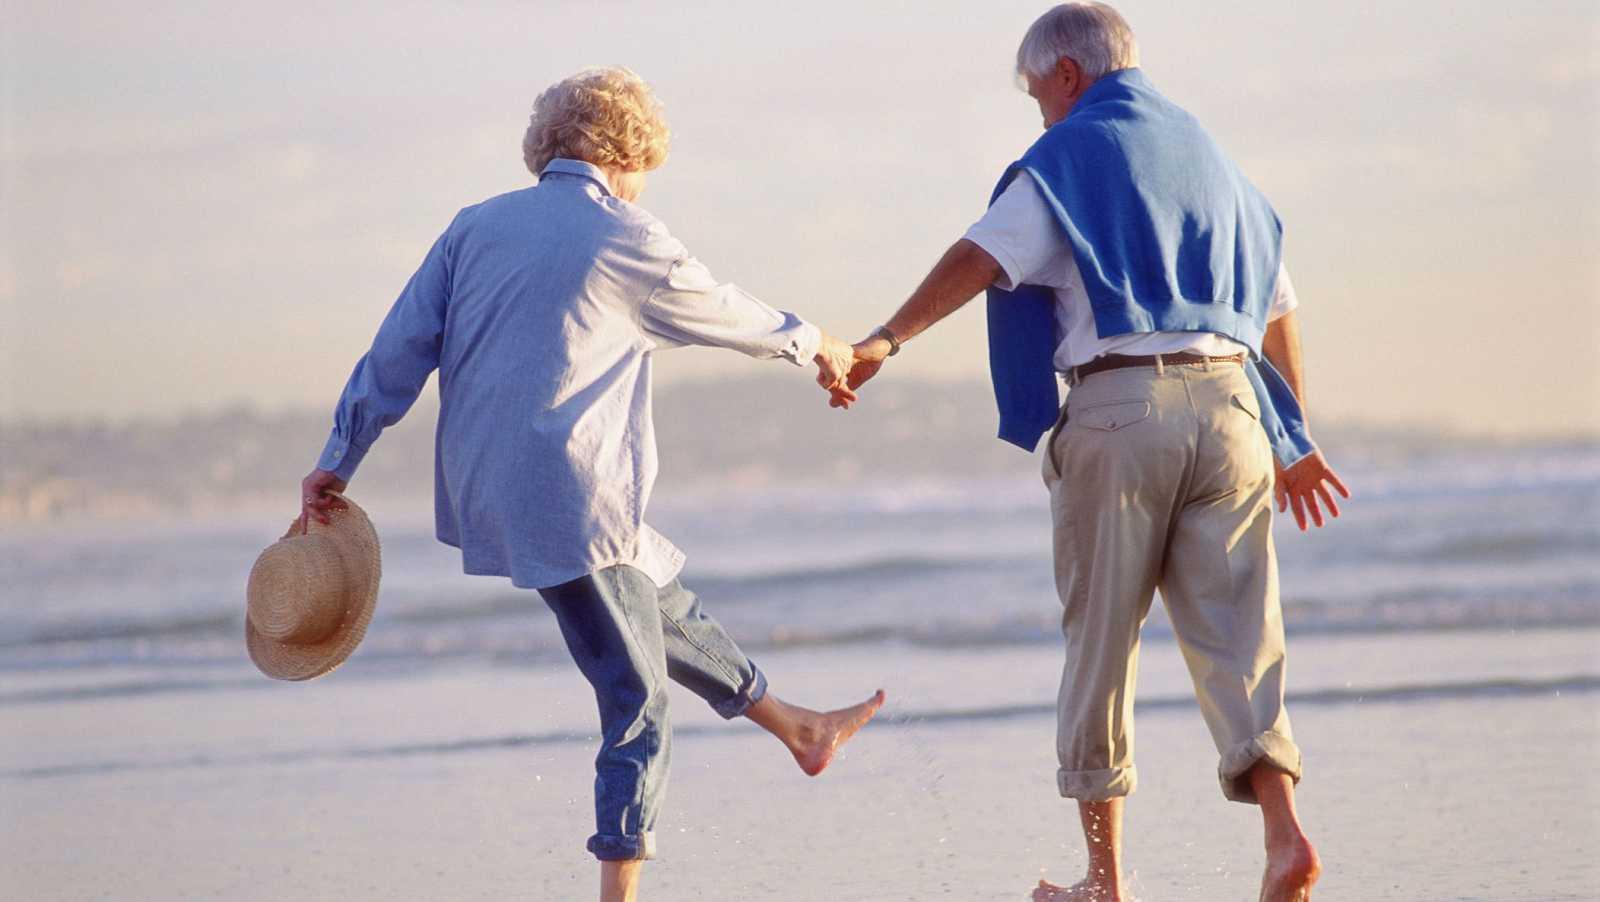 Reportaje en R-5 - Vacaciones para personas mayores - 29/7/18 - Escuchar ahora